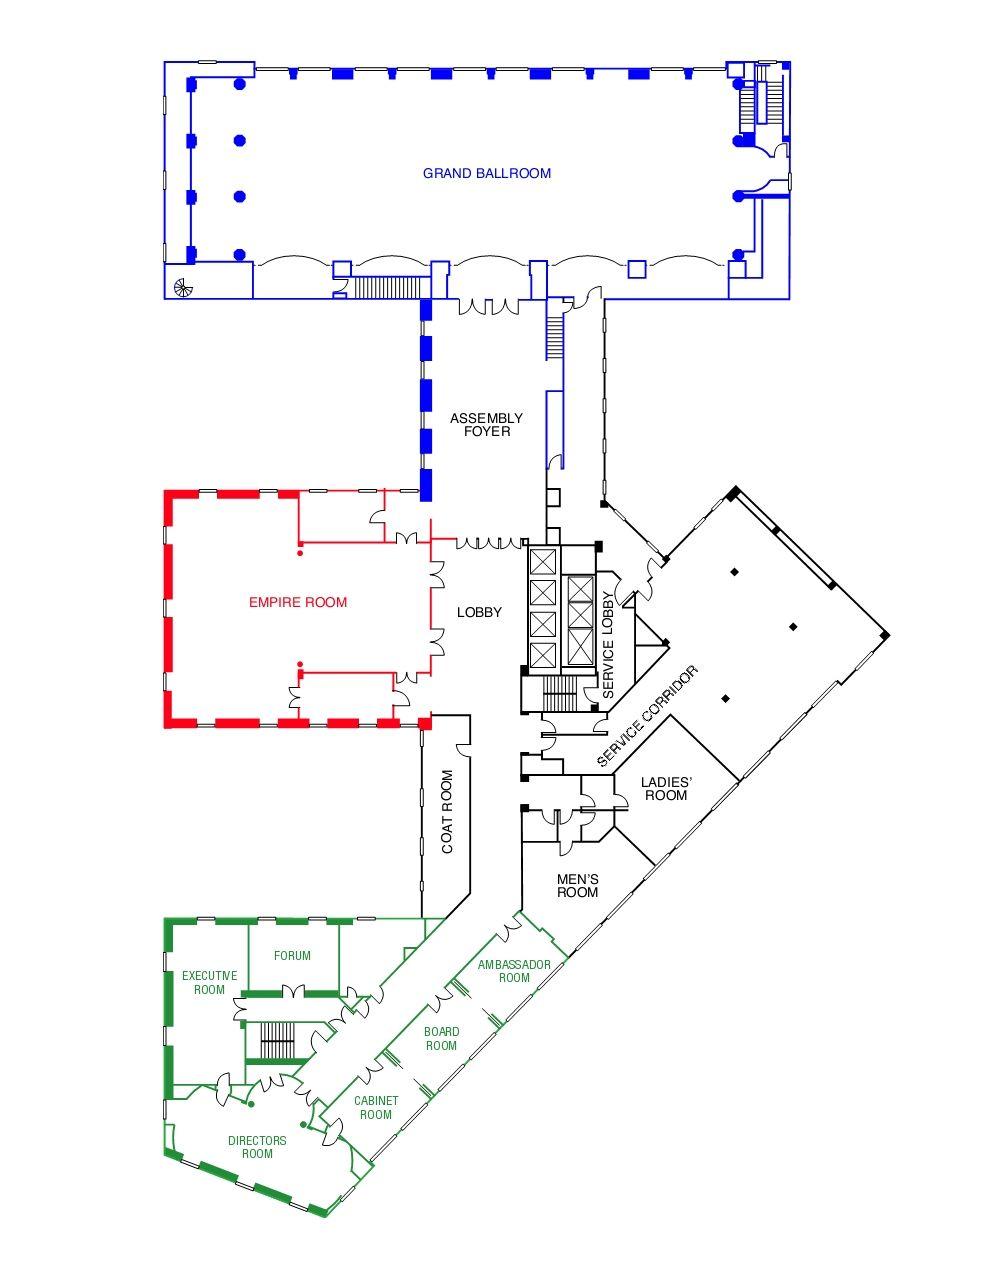 Floor Plan Of 10th Floor In Marriott Syracuse Downtown Hotel Downtown Hotels Floor Plans Marriott